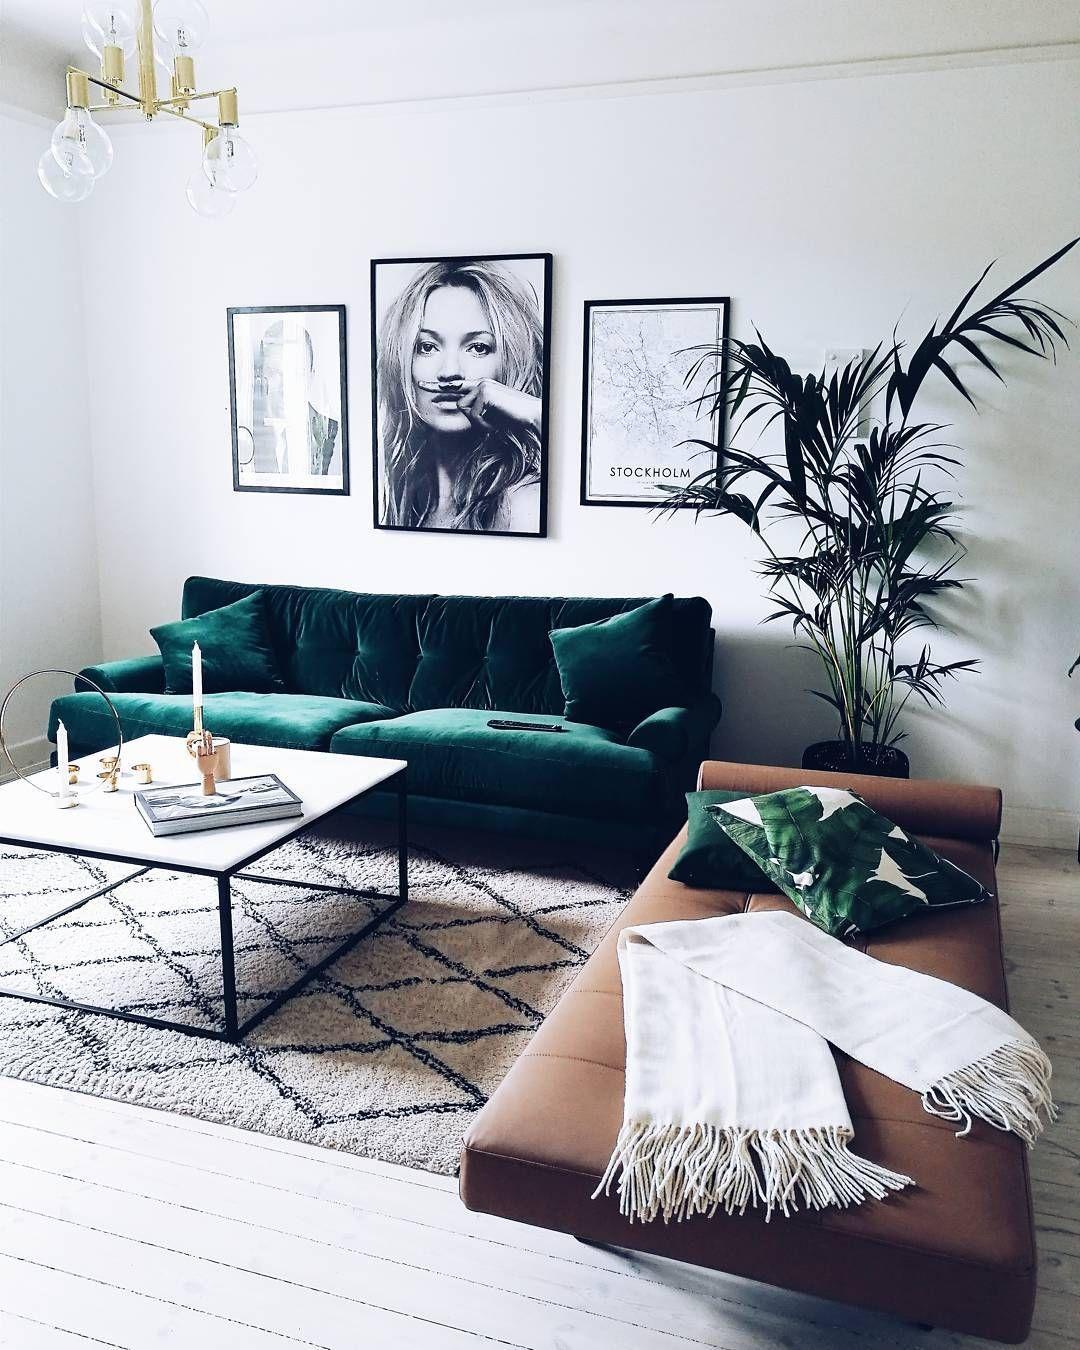 Samtsofa In Grun Interior Home Wohnzimmer Mobel Und Samt Sofa